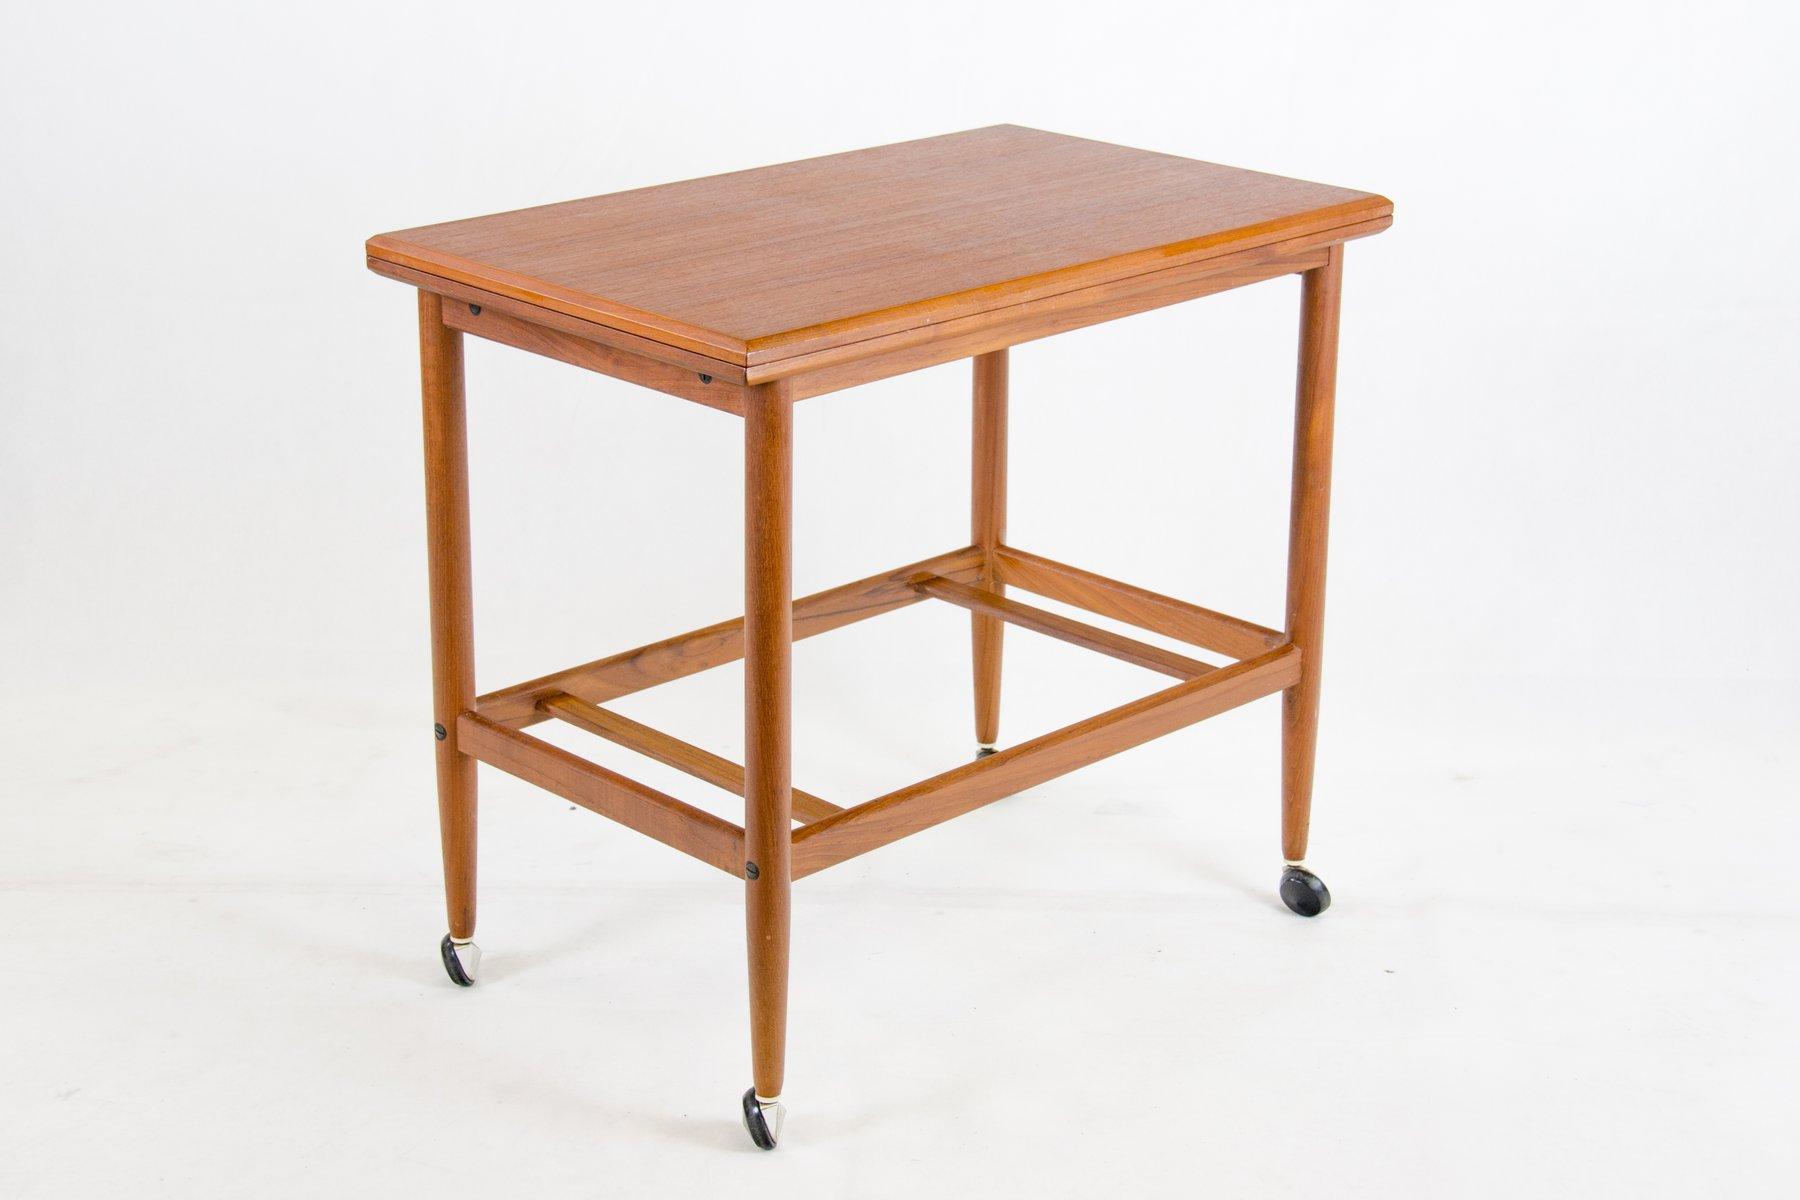 teak servierwagen mit herausnehmbaren tablett von dyrlund 1950er bei pamono kaufen. Black Bedroom Furniture Sets. Home Design Ideas